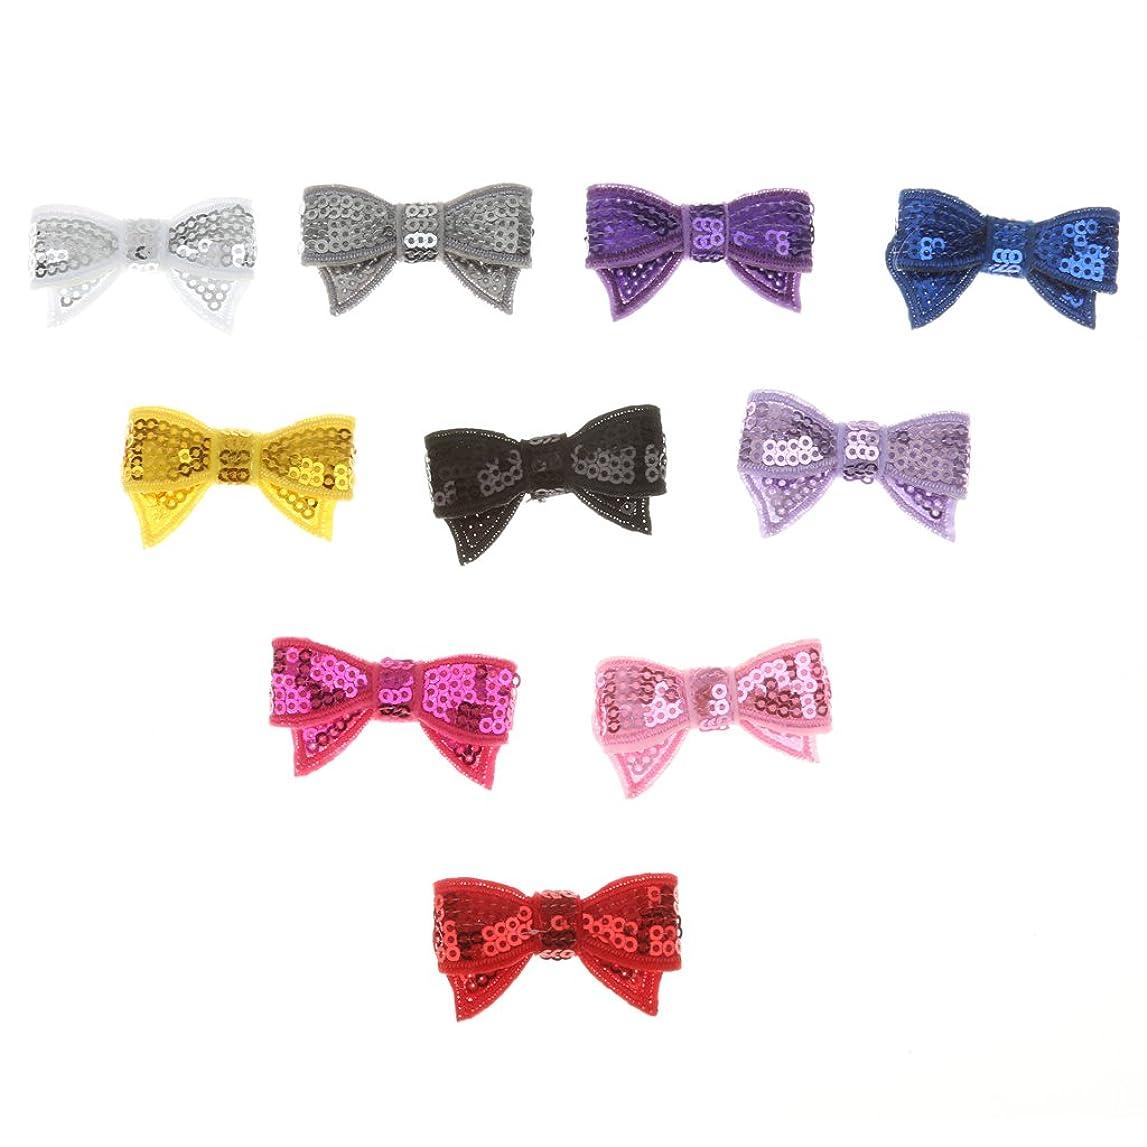 収入アウター引き出すLovoski 蝶 ネクタイ DIY ヘアバッド キラキラ 子供の髪 パーティー飾り 10個入り 全3色選べ - スパンコール